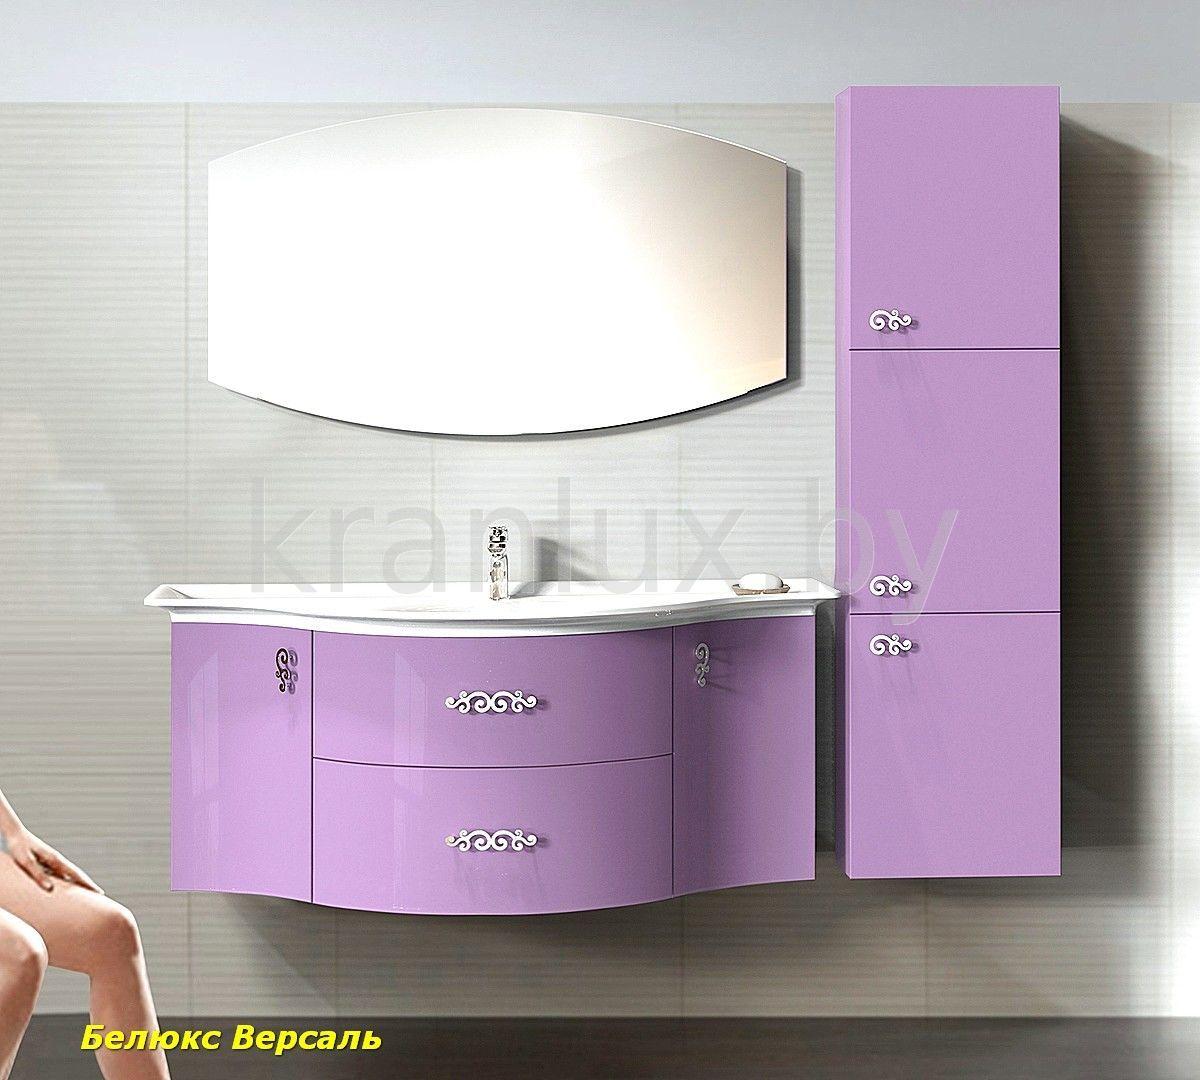 Мебель для ванны версаль Смеситель Dorff Modern D7095000 универсальный